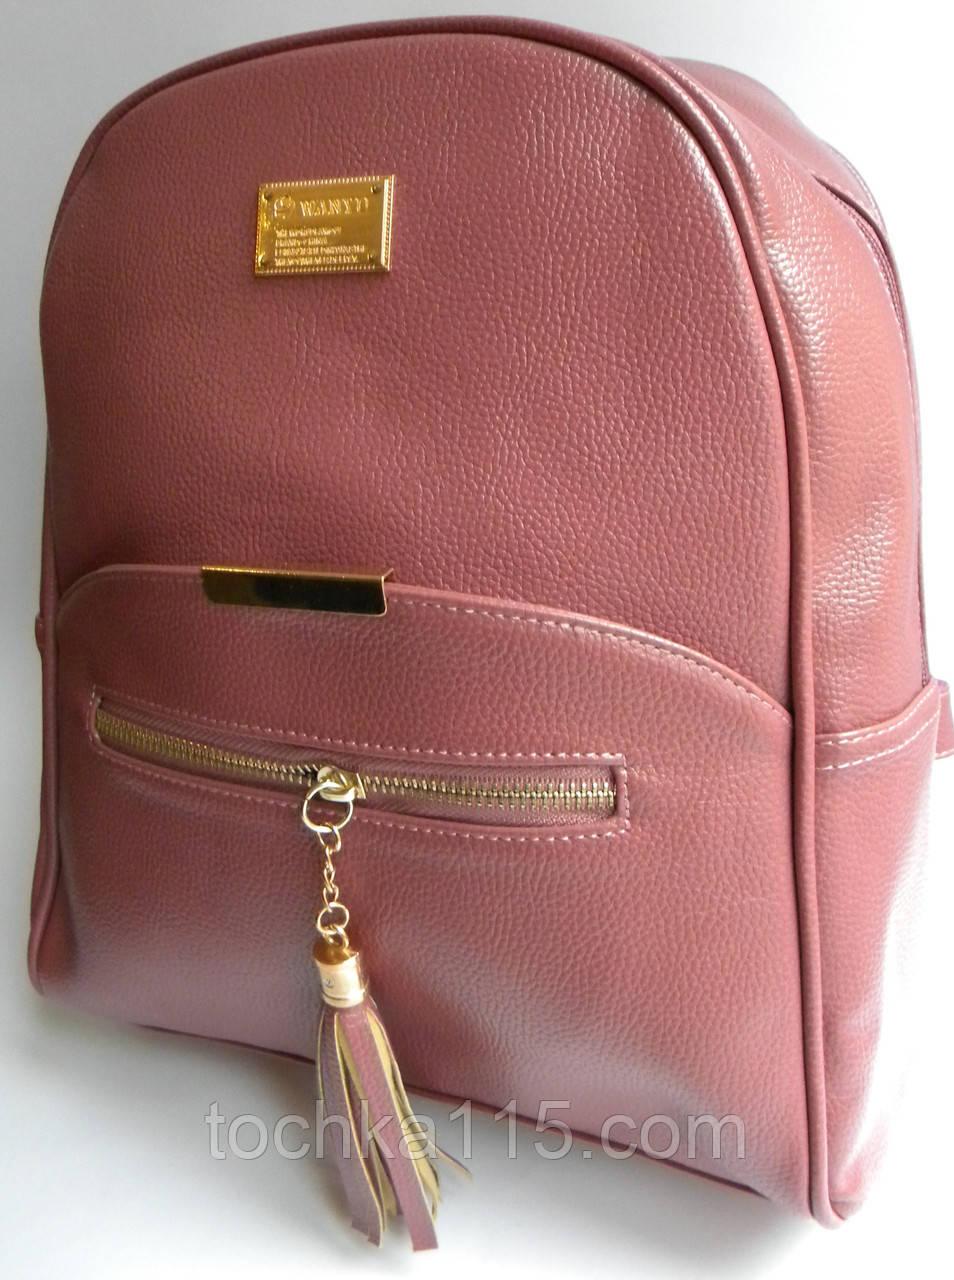 Новинка! Женский кожаный рюкзак WANYU розовый, фото 1